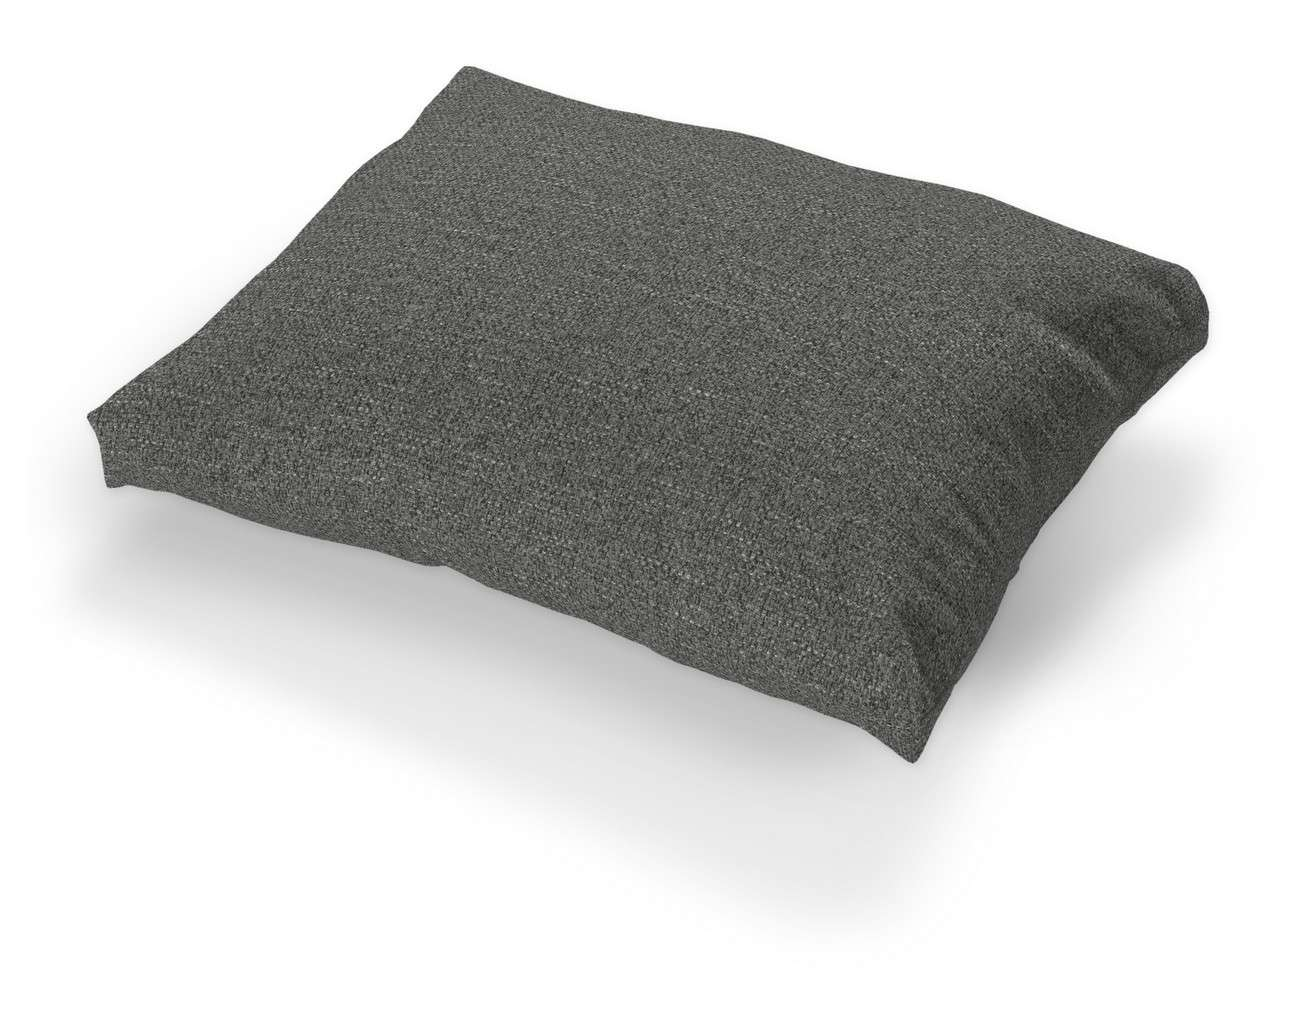 Poszewka na poduszkę Tylösand 1 szt. w kolekcji Madrid, tkanina: 161-24